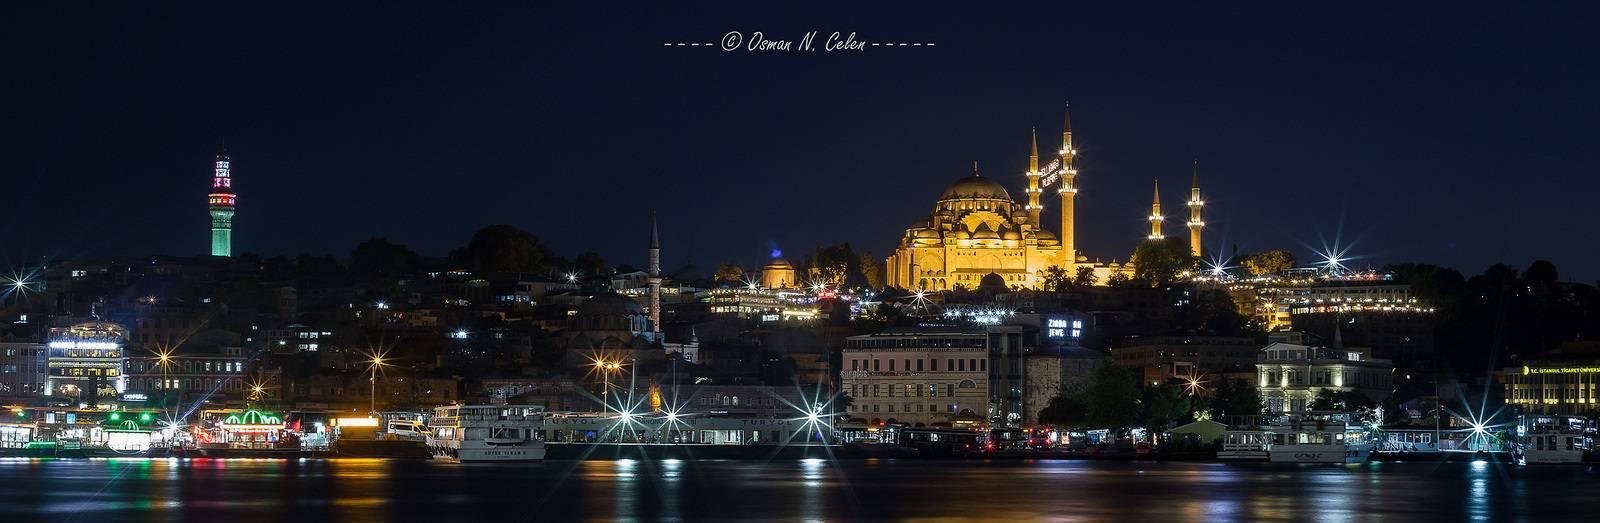 تور مستقیم استانبول از اصفهان بهار 98